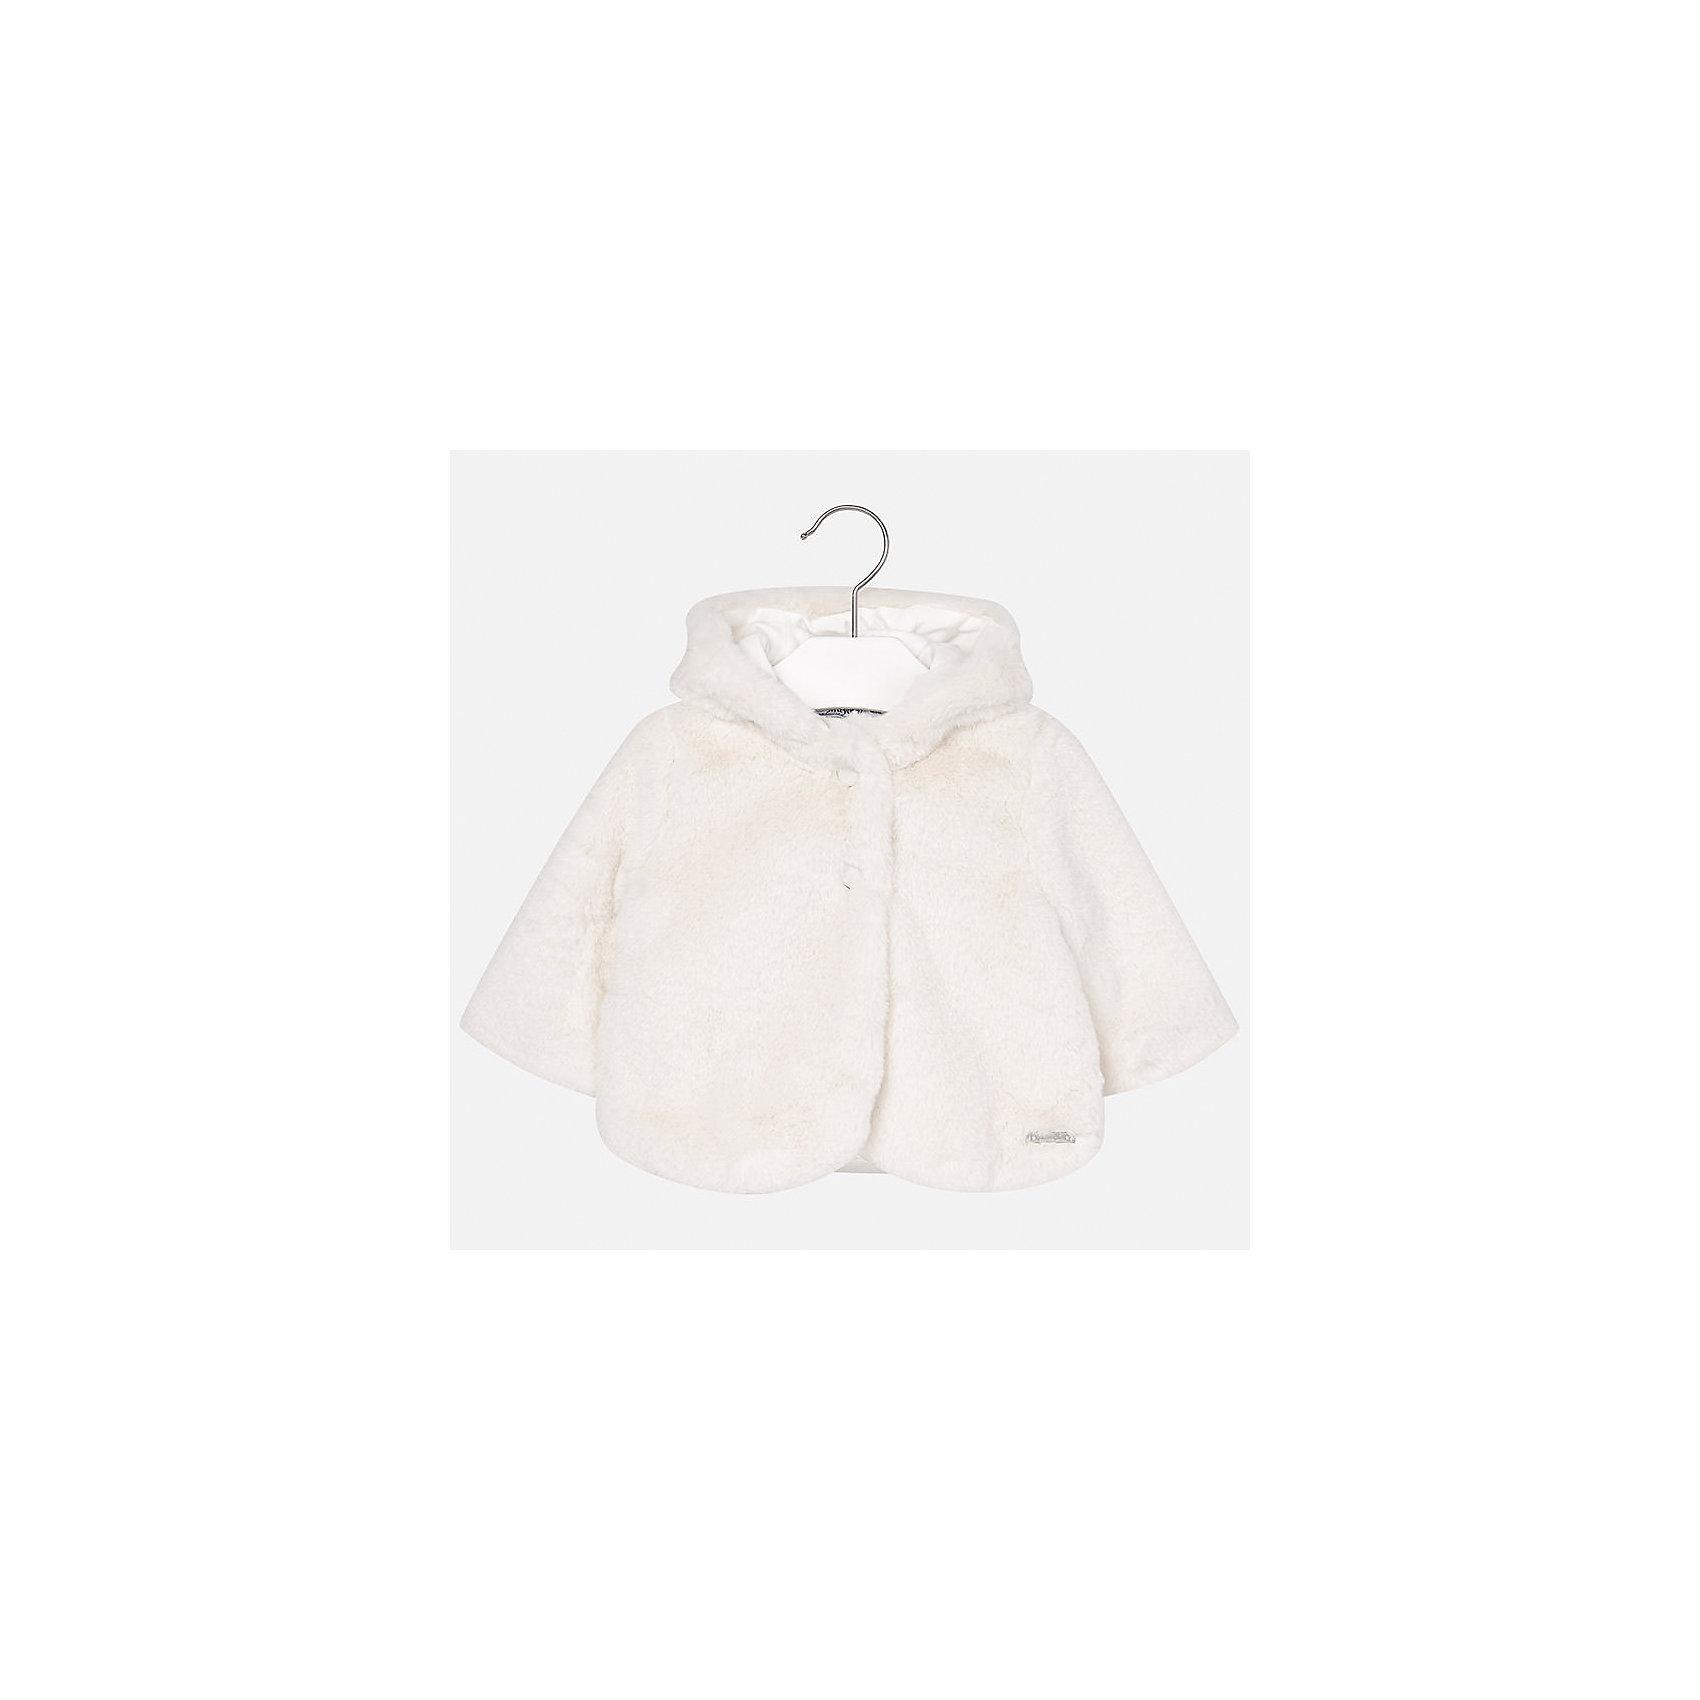 Пальто Mayoral для девочкиВерхняя одежда<br>Характеристики товара:<br><br>• цвет: белый<br>• состав ткани верха: 50% полиэстер, 50% хлопок<br>• подкладка: 100% полиэстер<br>• сезон: демисезон<br>• температурный режим: от 0 до +10<br>• особенности пальто: с капюшоном<br>• капюшон: несъемный<br>• застежка: пуговицы<br>• страна бренда: Испания<br>• страна изготовитель: Индия<br><br>Такое пальто для девочки сможет обеспечить тепло в период межсезонья. Детское пальто сделано из качественного материала, есть подкладка. Меховое е пальто для девочки от Майорал - это пример отличного вкуса и высокого качества. <br><br>Пальто для девочки Mayoral (Майорал) можно купить в нашем интернет-магазине.<br><br>Ширина мм: 356<br>Глубина мм: 10<br>Высота мм: 245<br>Вес г: 519<br>Цвет: белый<br>Возраст от месяцев: 24<br>Возраст до месяцев: 36<br>Пол: Женский<br>Возраст: Детский<br>Размер: 98,74,80,86,92<br>SKU: 6920376